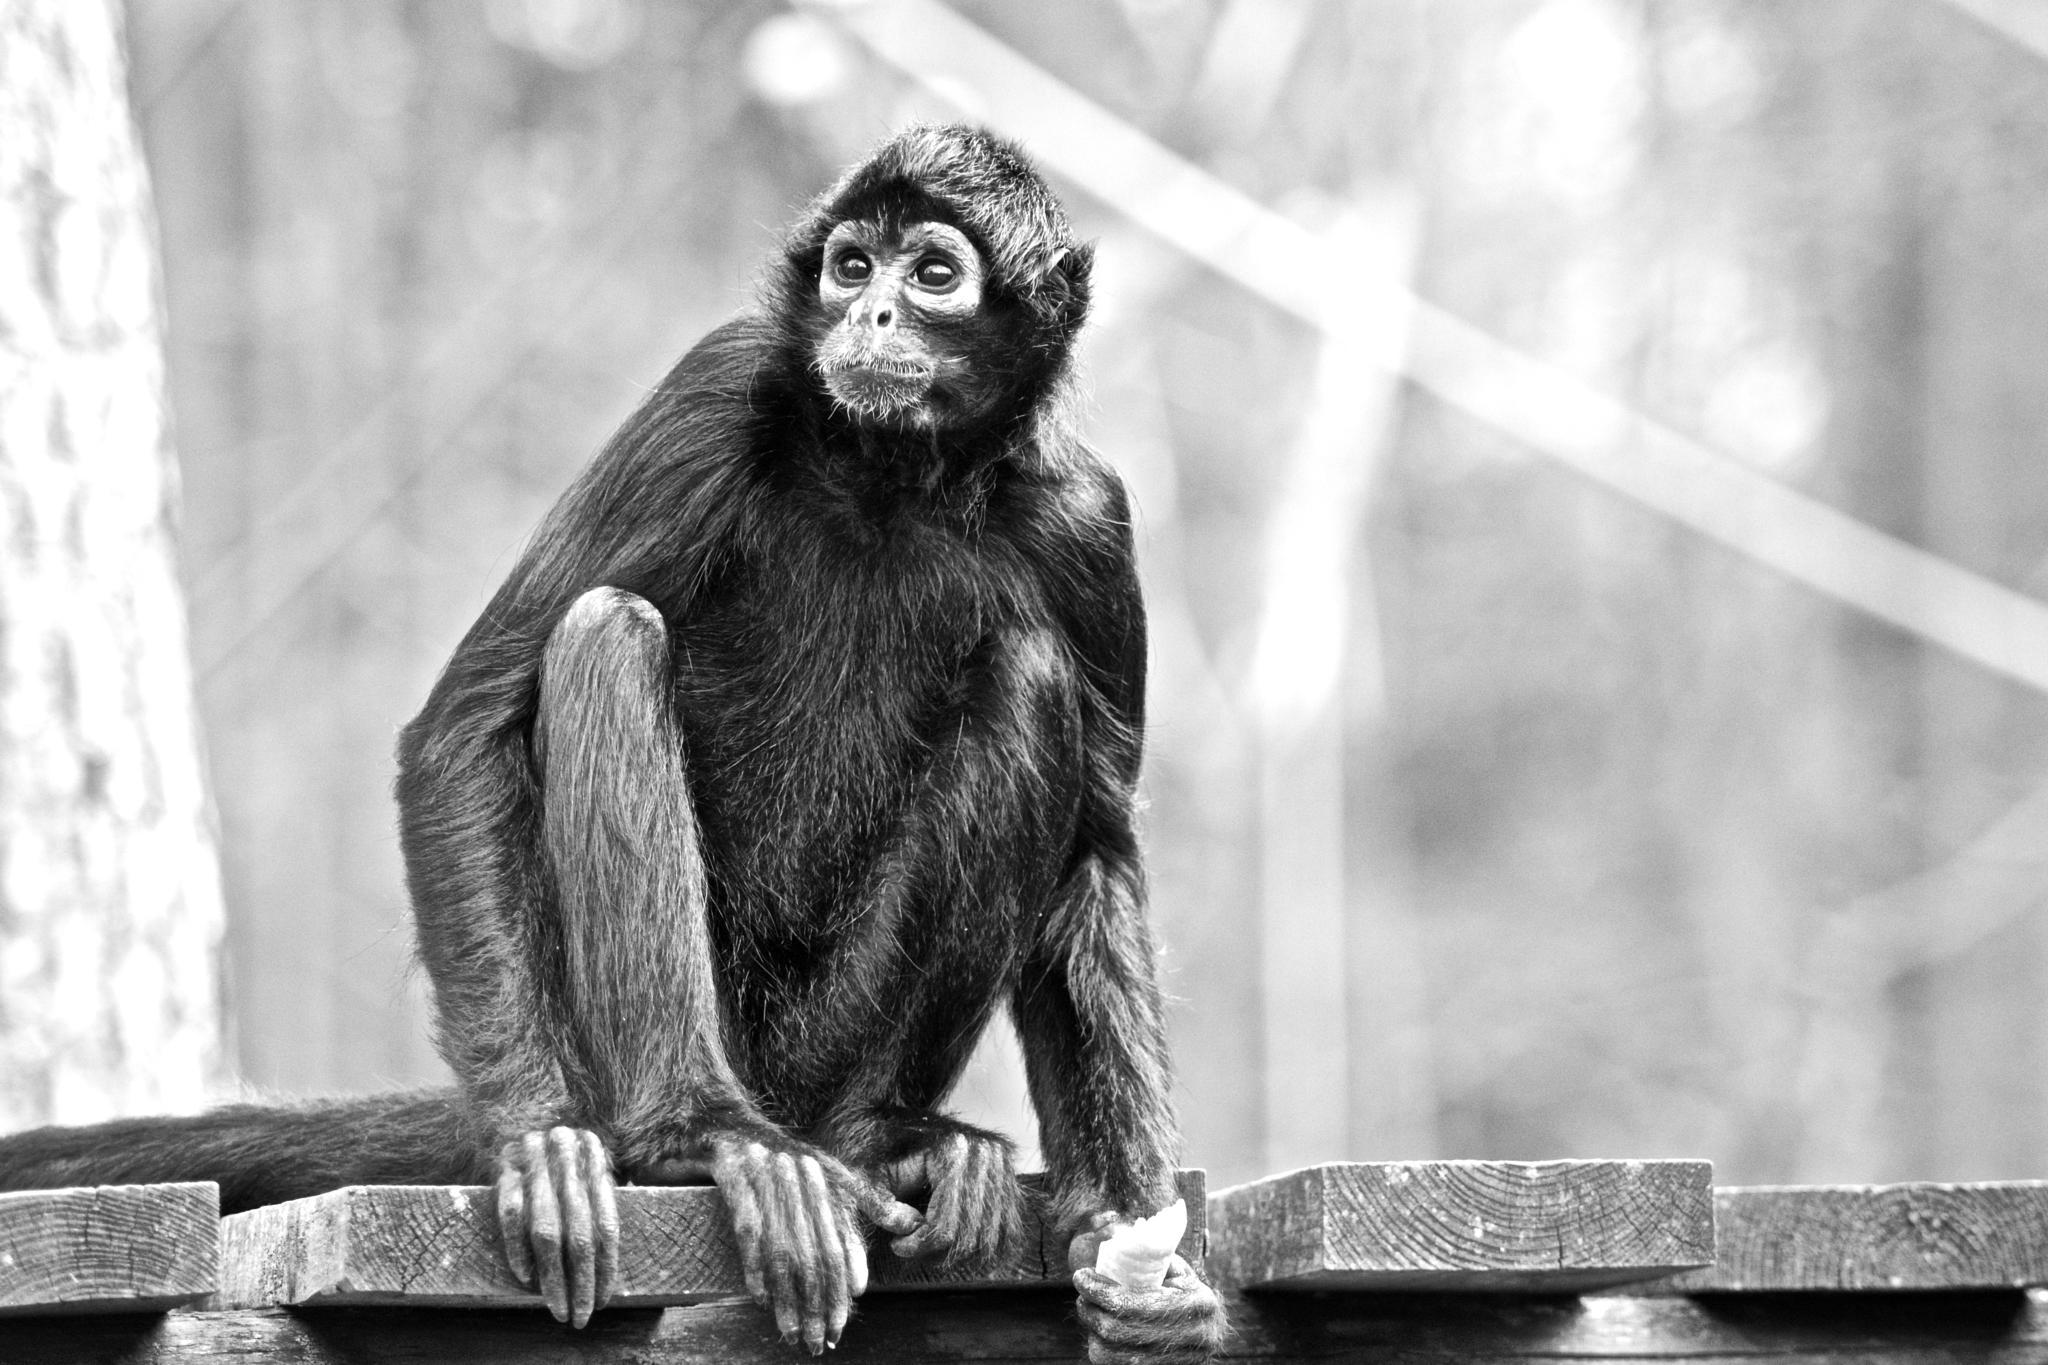 monkey by TaraKiekt.nl